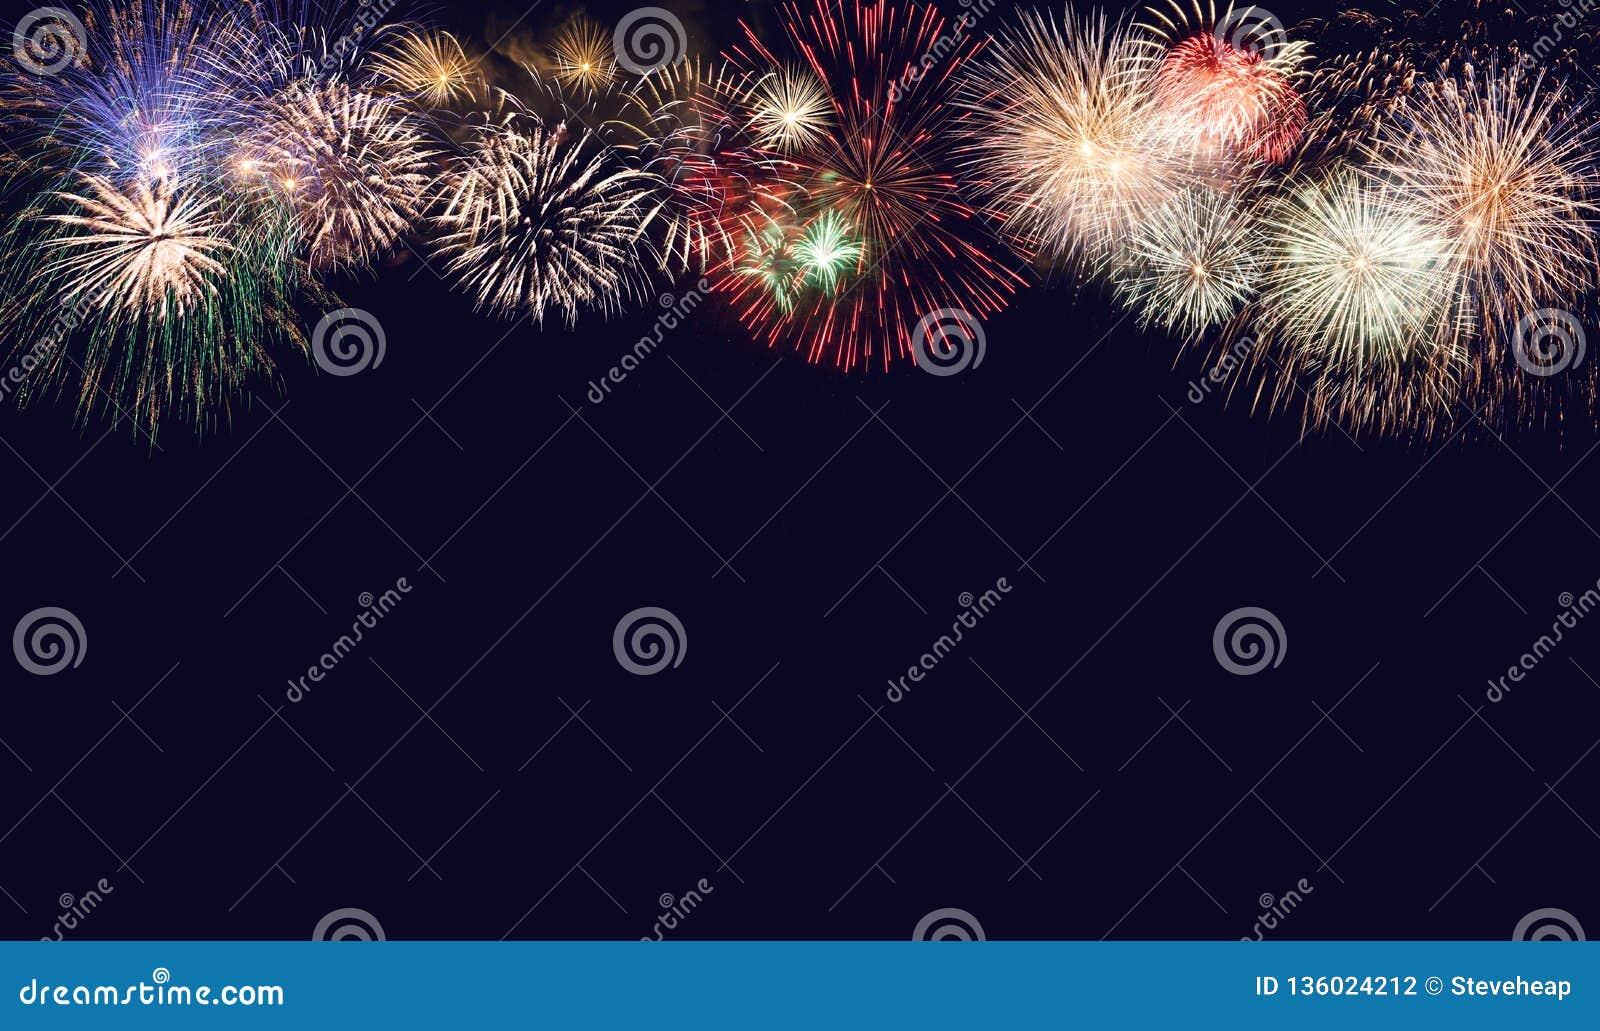 Σύνθετο των πυροτεχνημάτων για το νέο έτος για το υπόβαθρο διακοπών